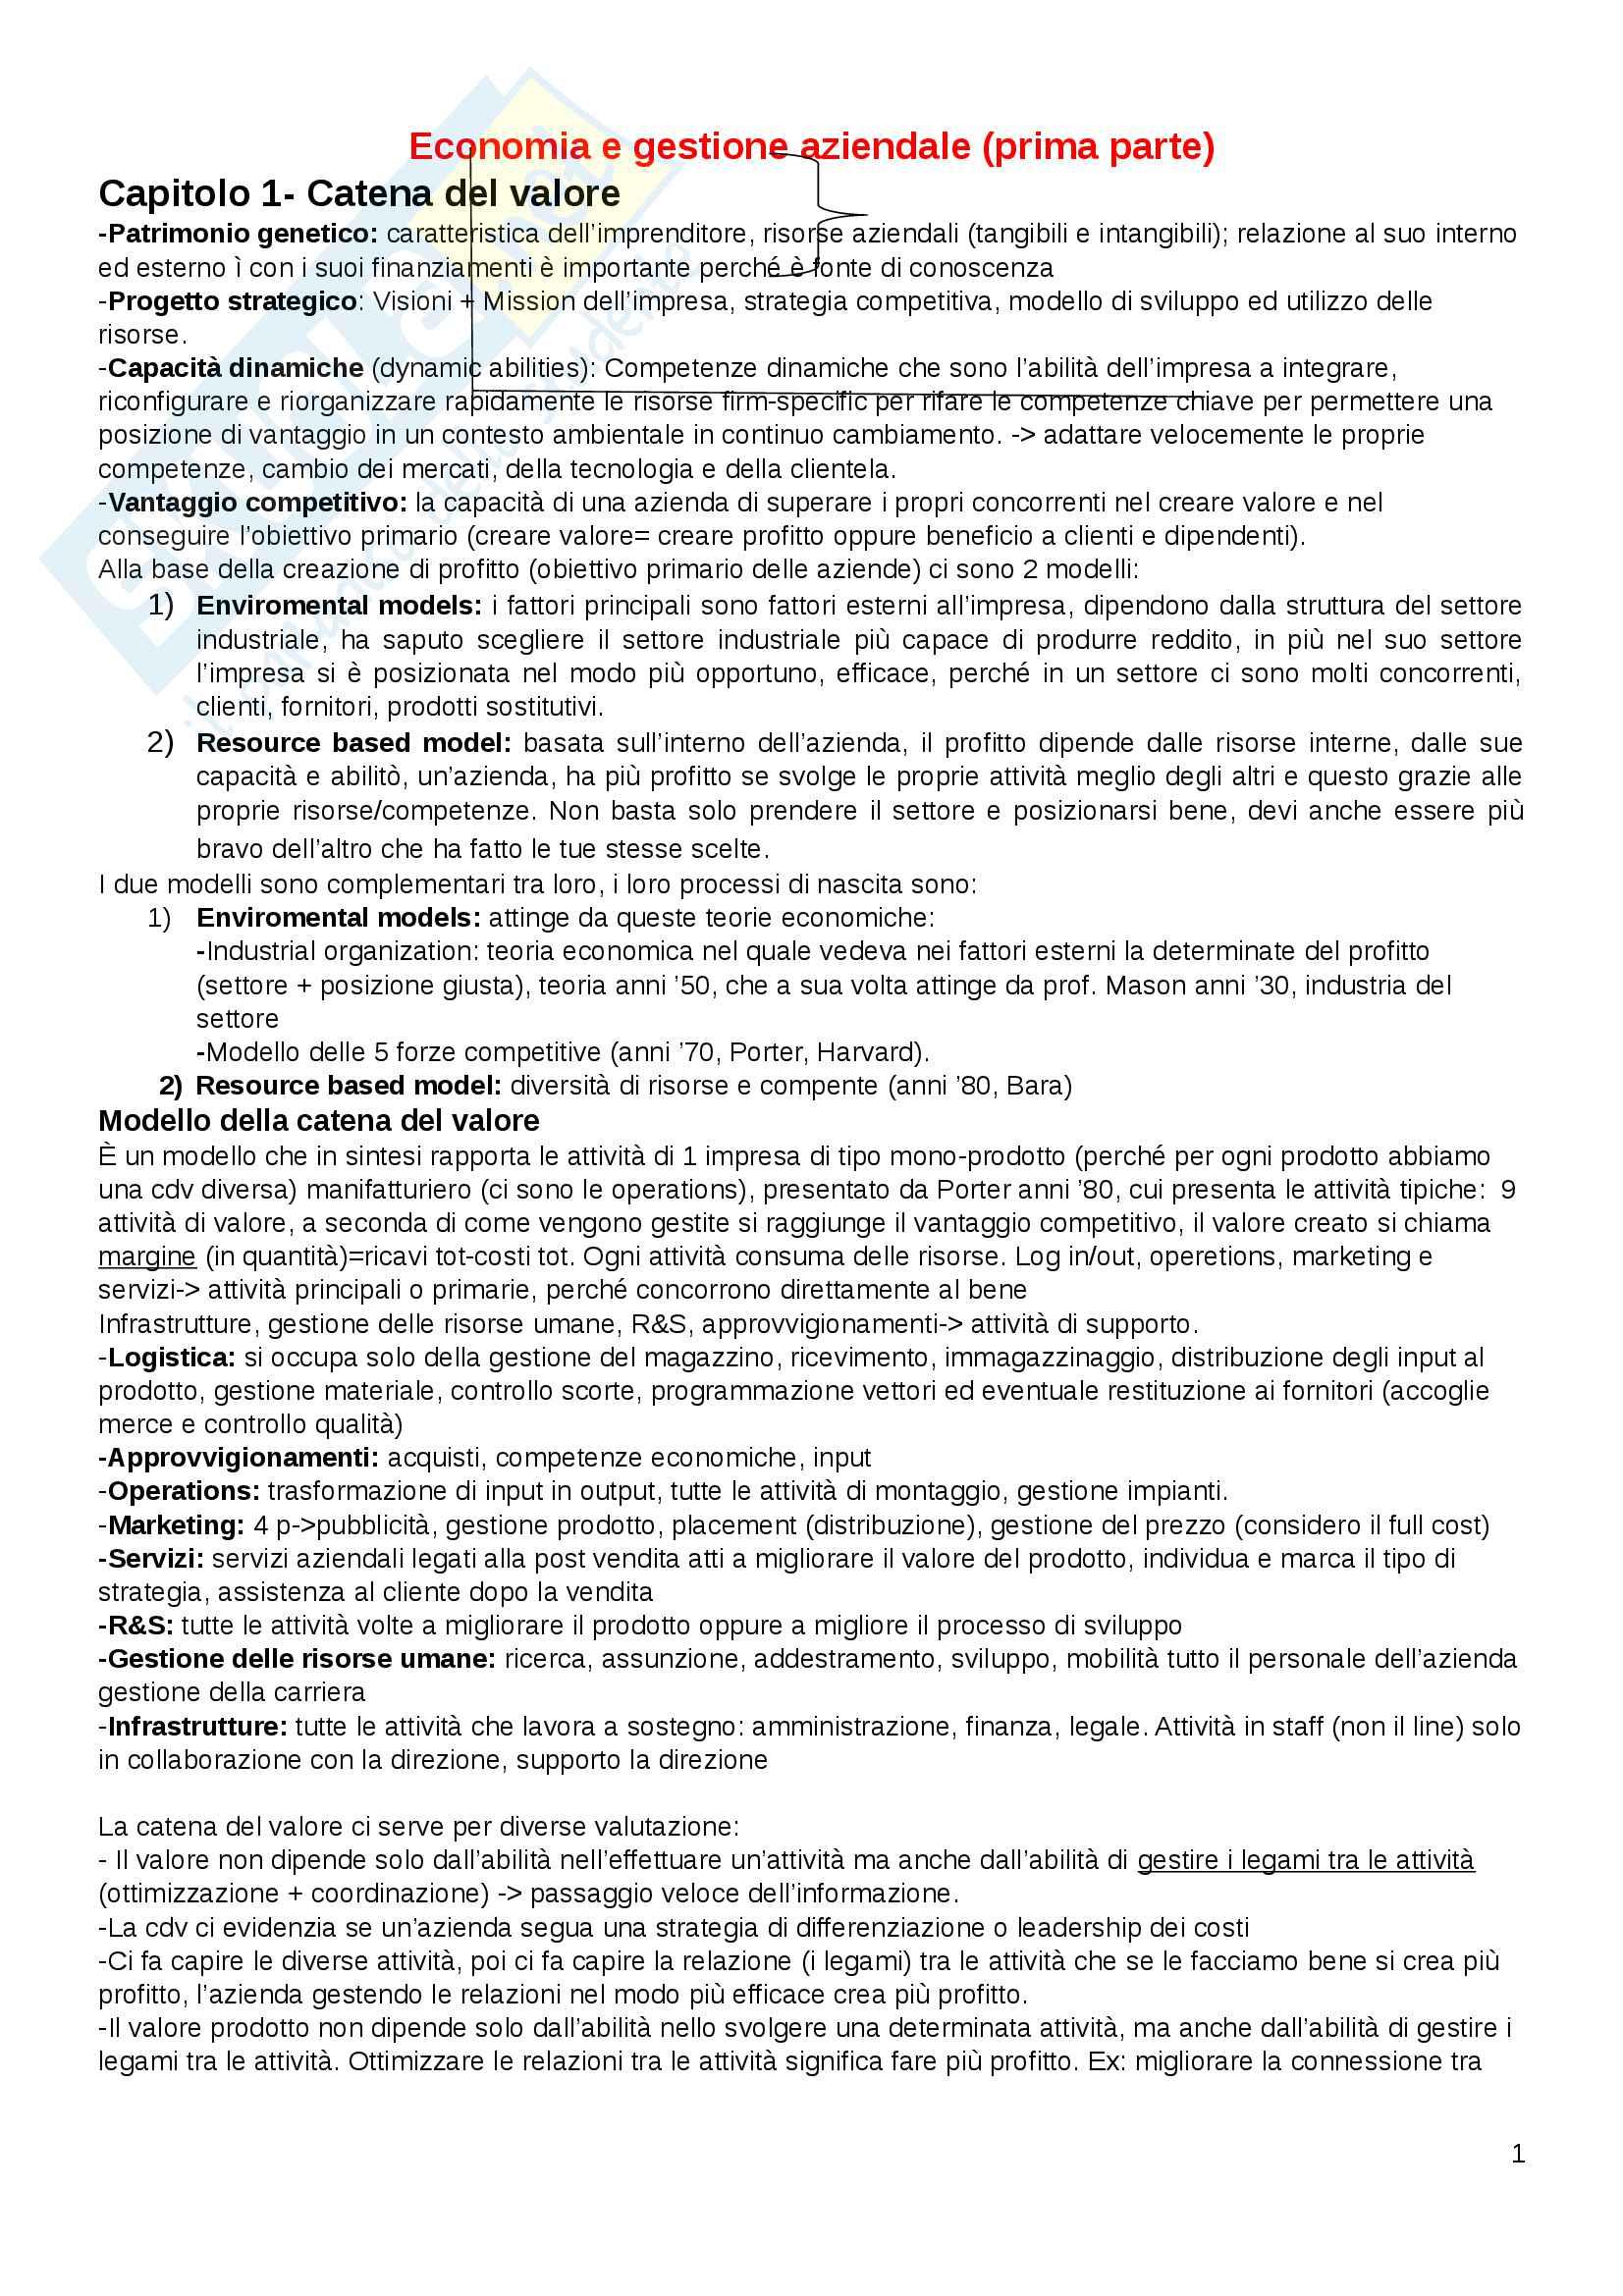 Economia e gestione aziendale Pag. 1